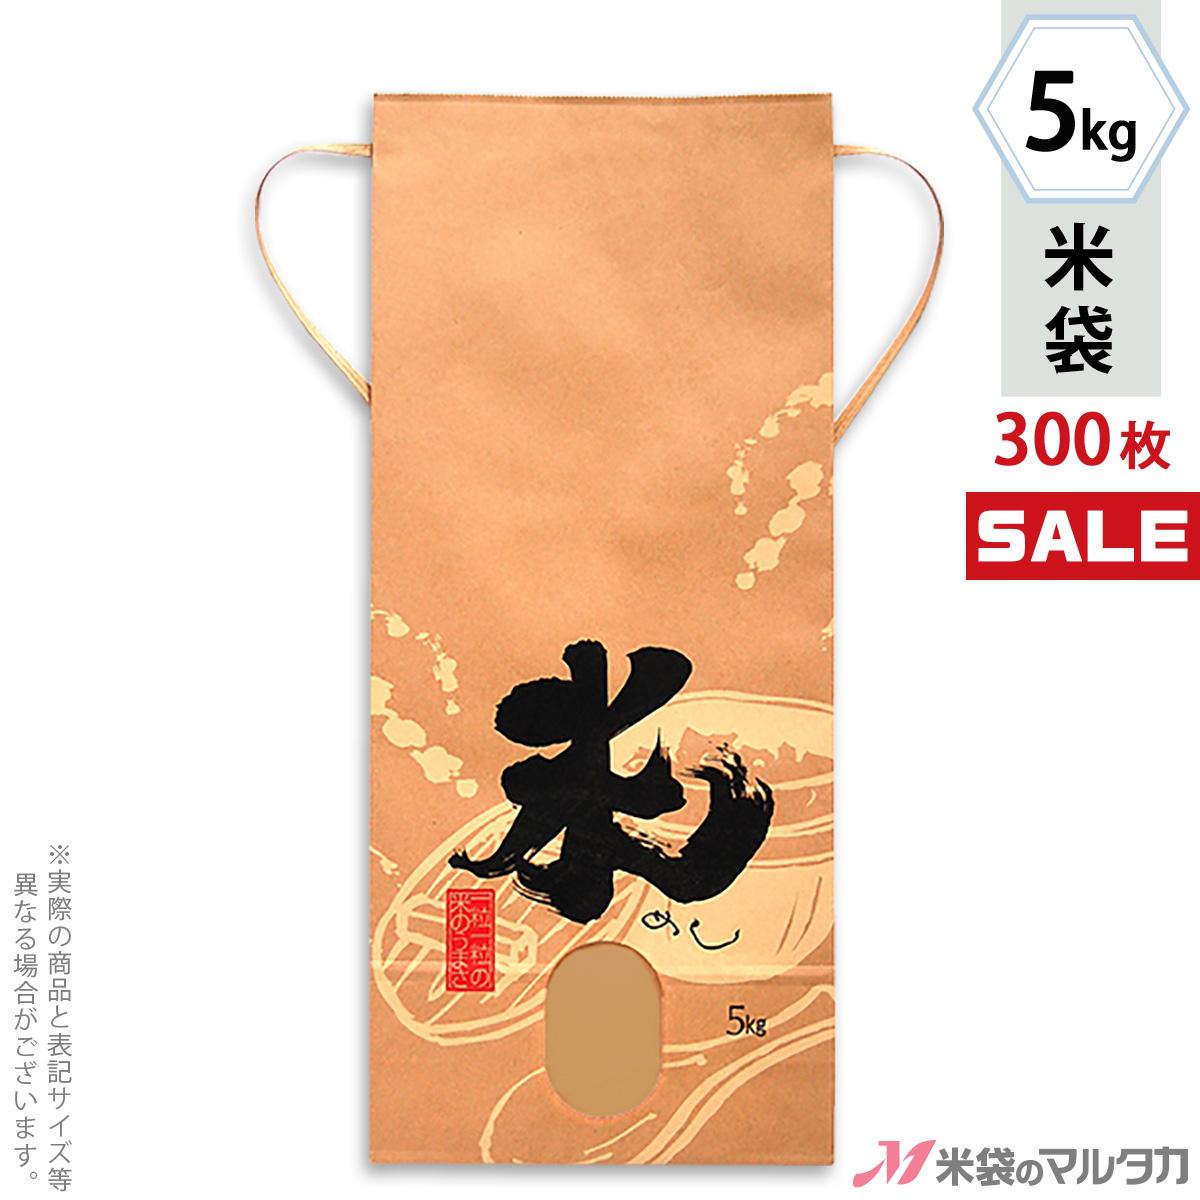 <キャンペーン対応>米袋 KH-0260 マルタカ クラフト 米(めし)(銘柄なし) 窓付 角底 5kg用紐付 【米袋 5kg】【1ケース(300枚入)】